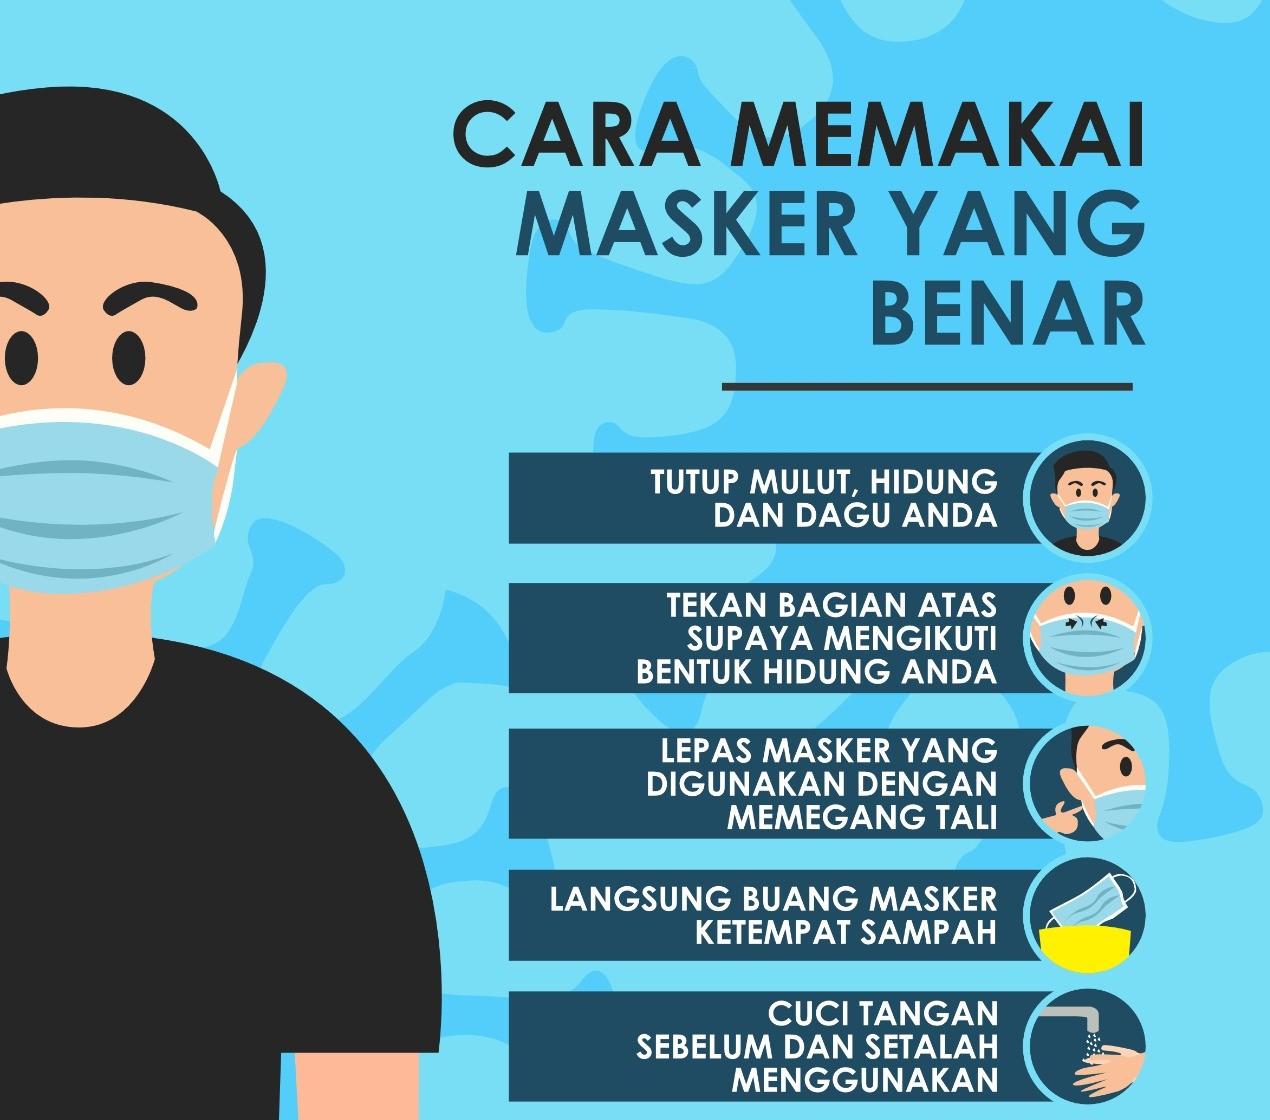 Cara memakai Masker